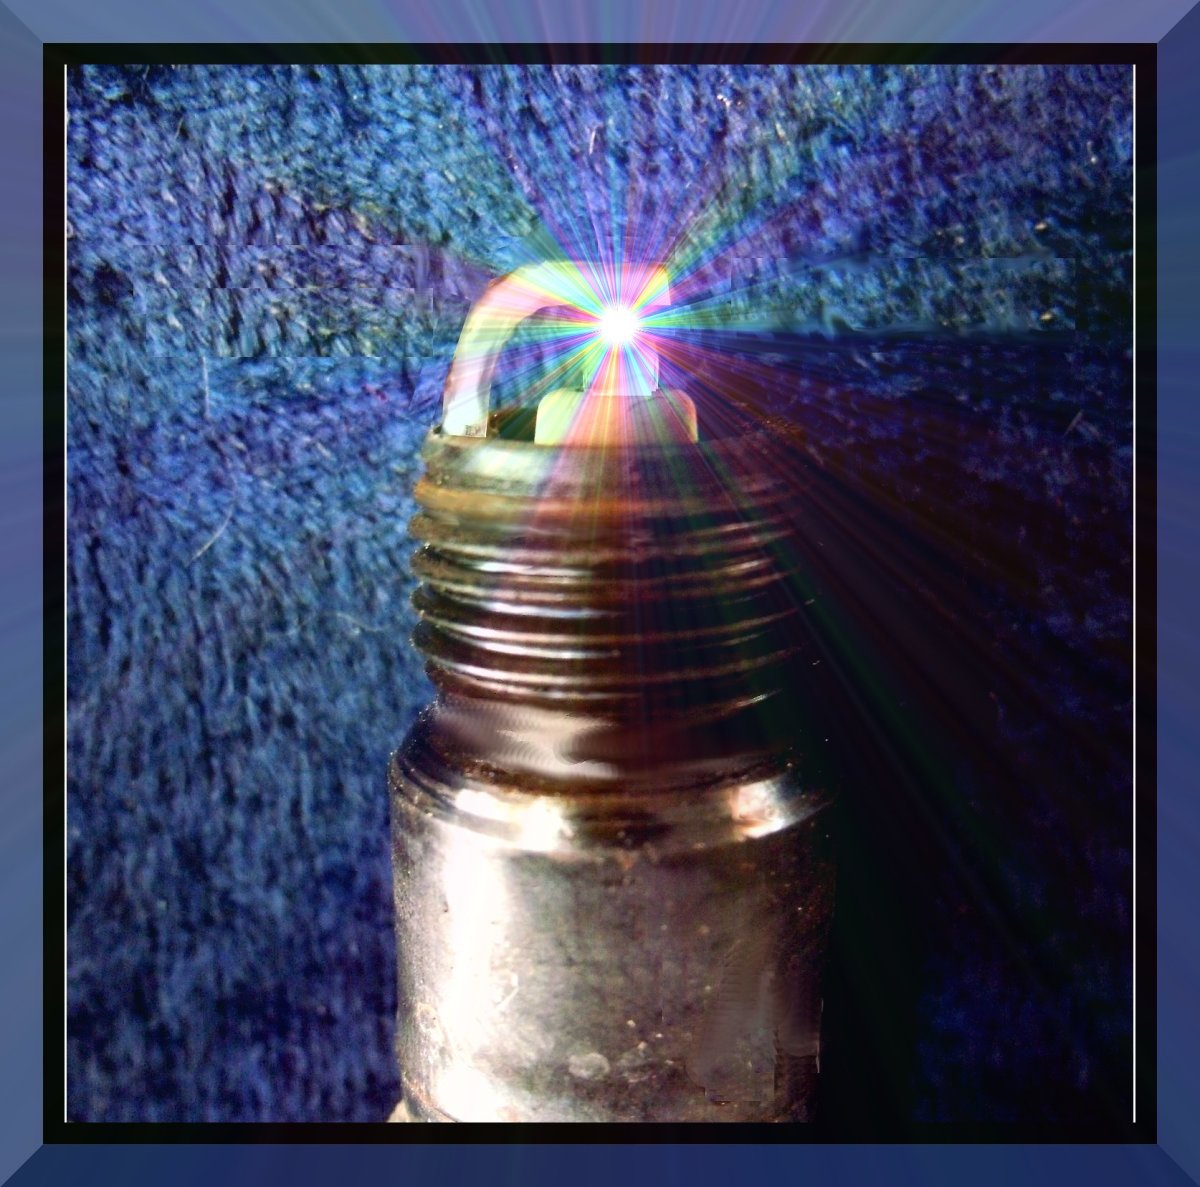 How to Clean a Spark Plug | AxleAddict